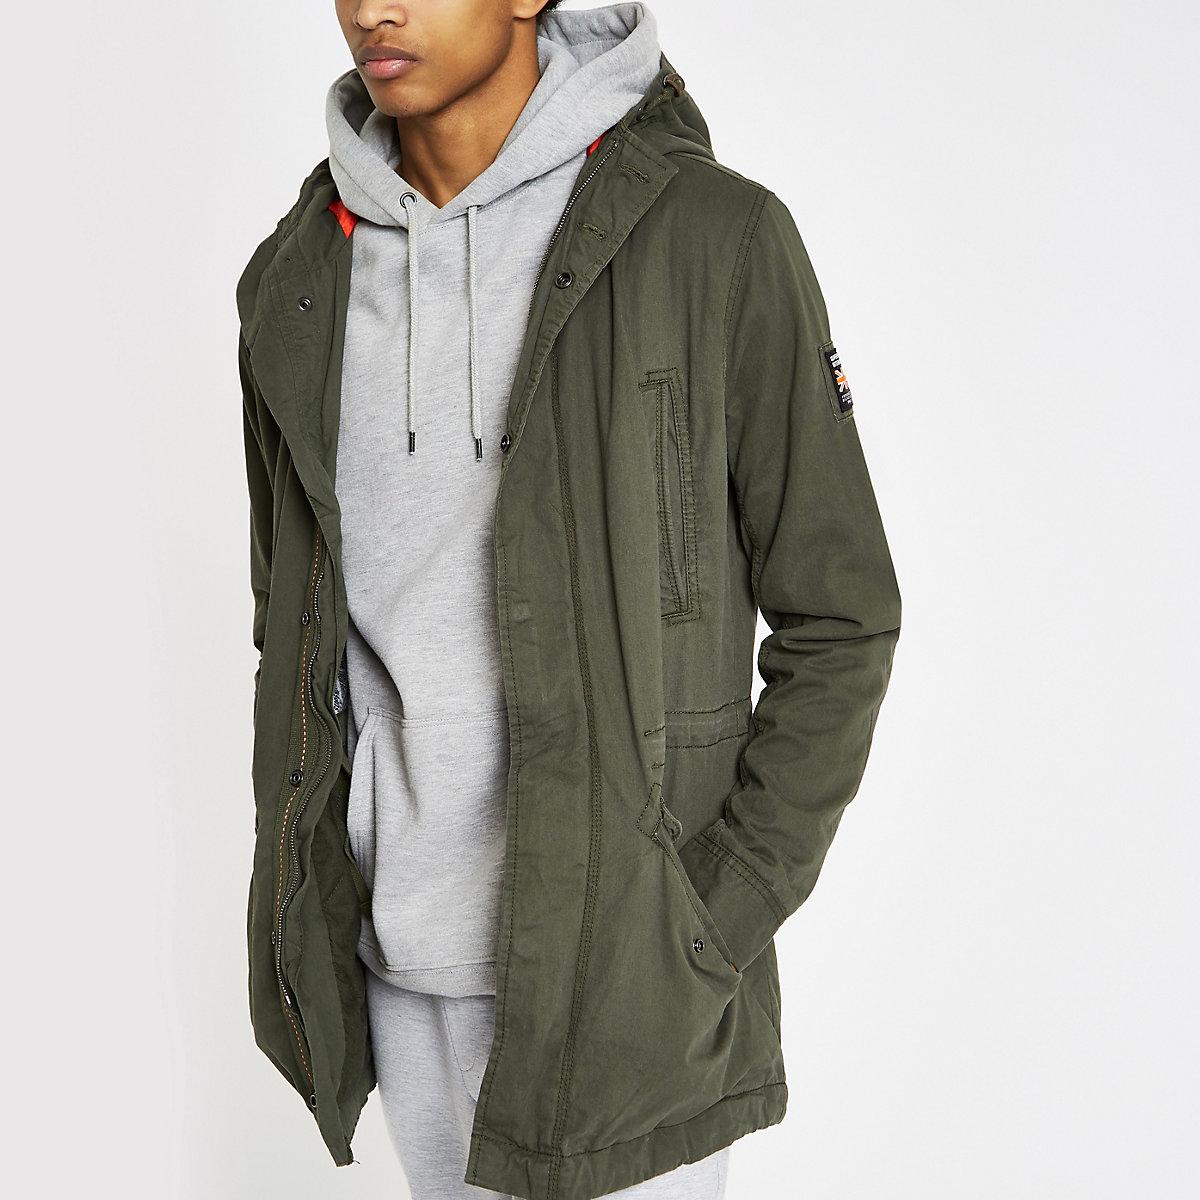 Superdry green hooded parka jacket